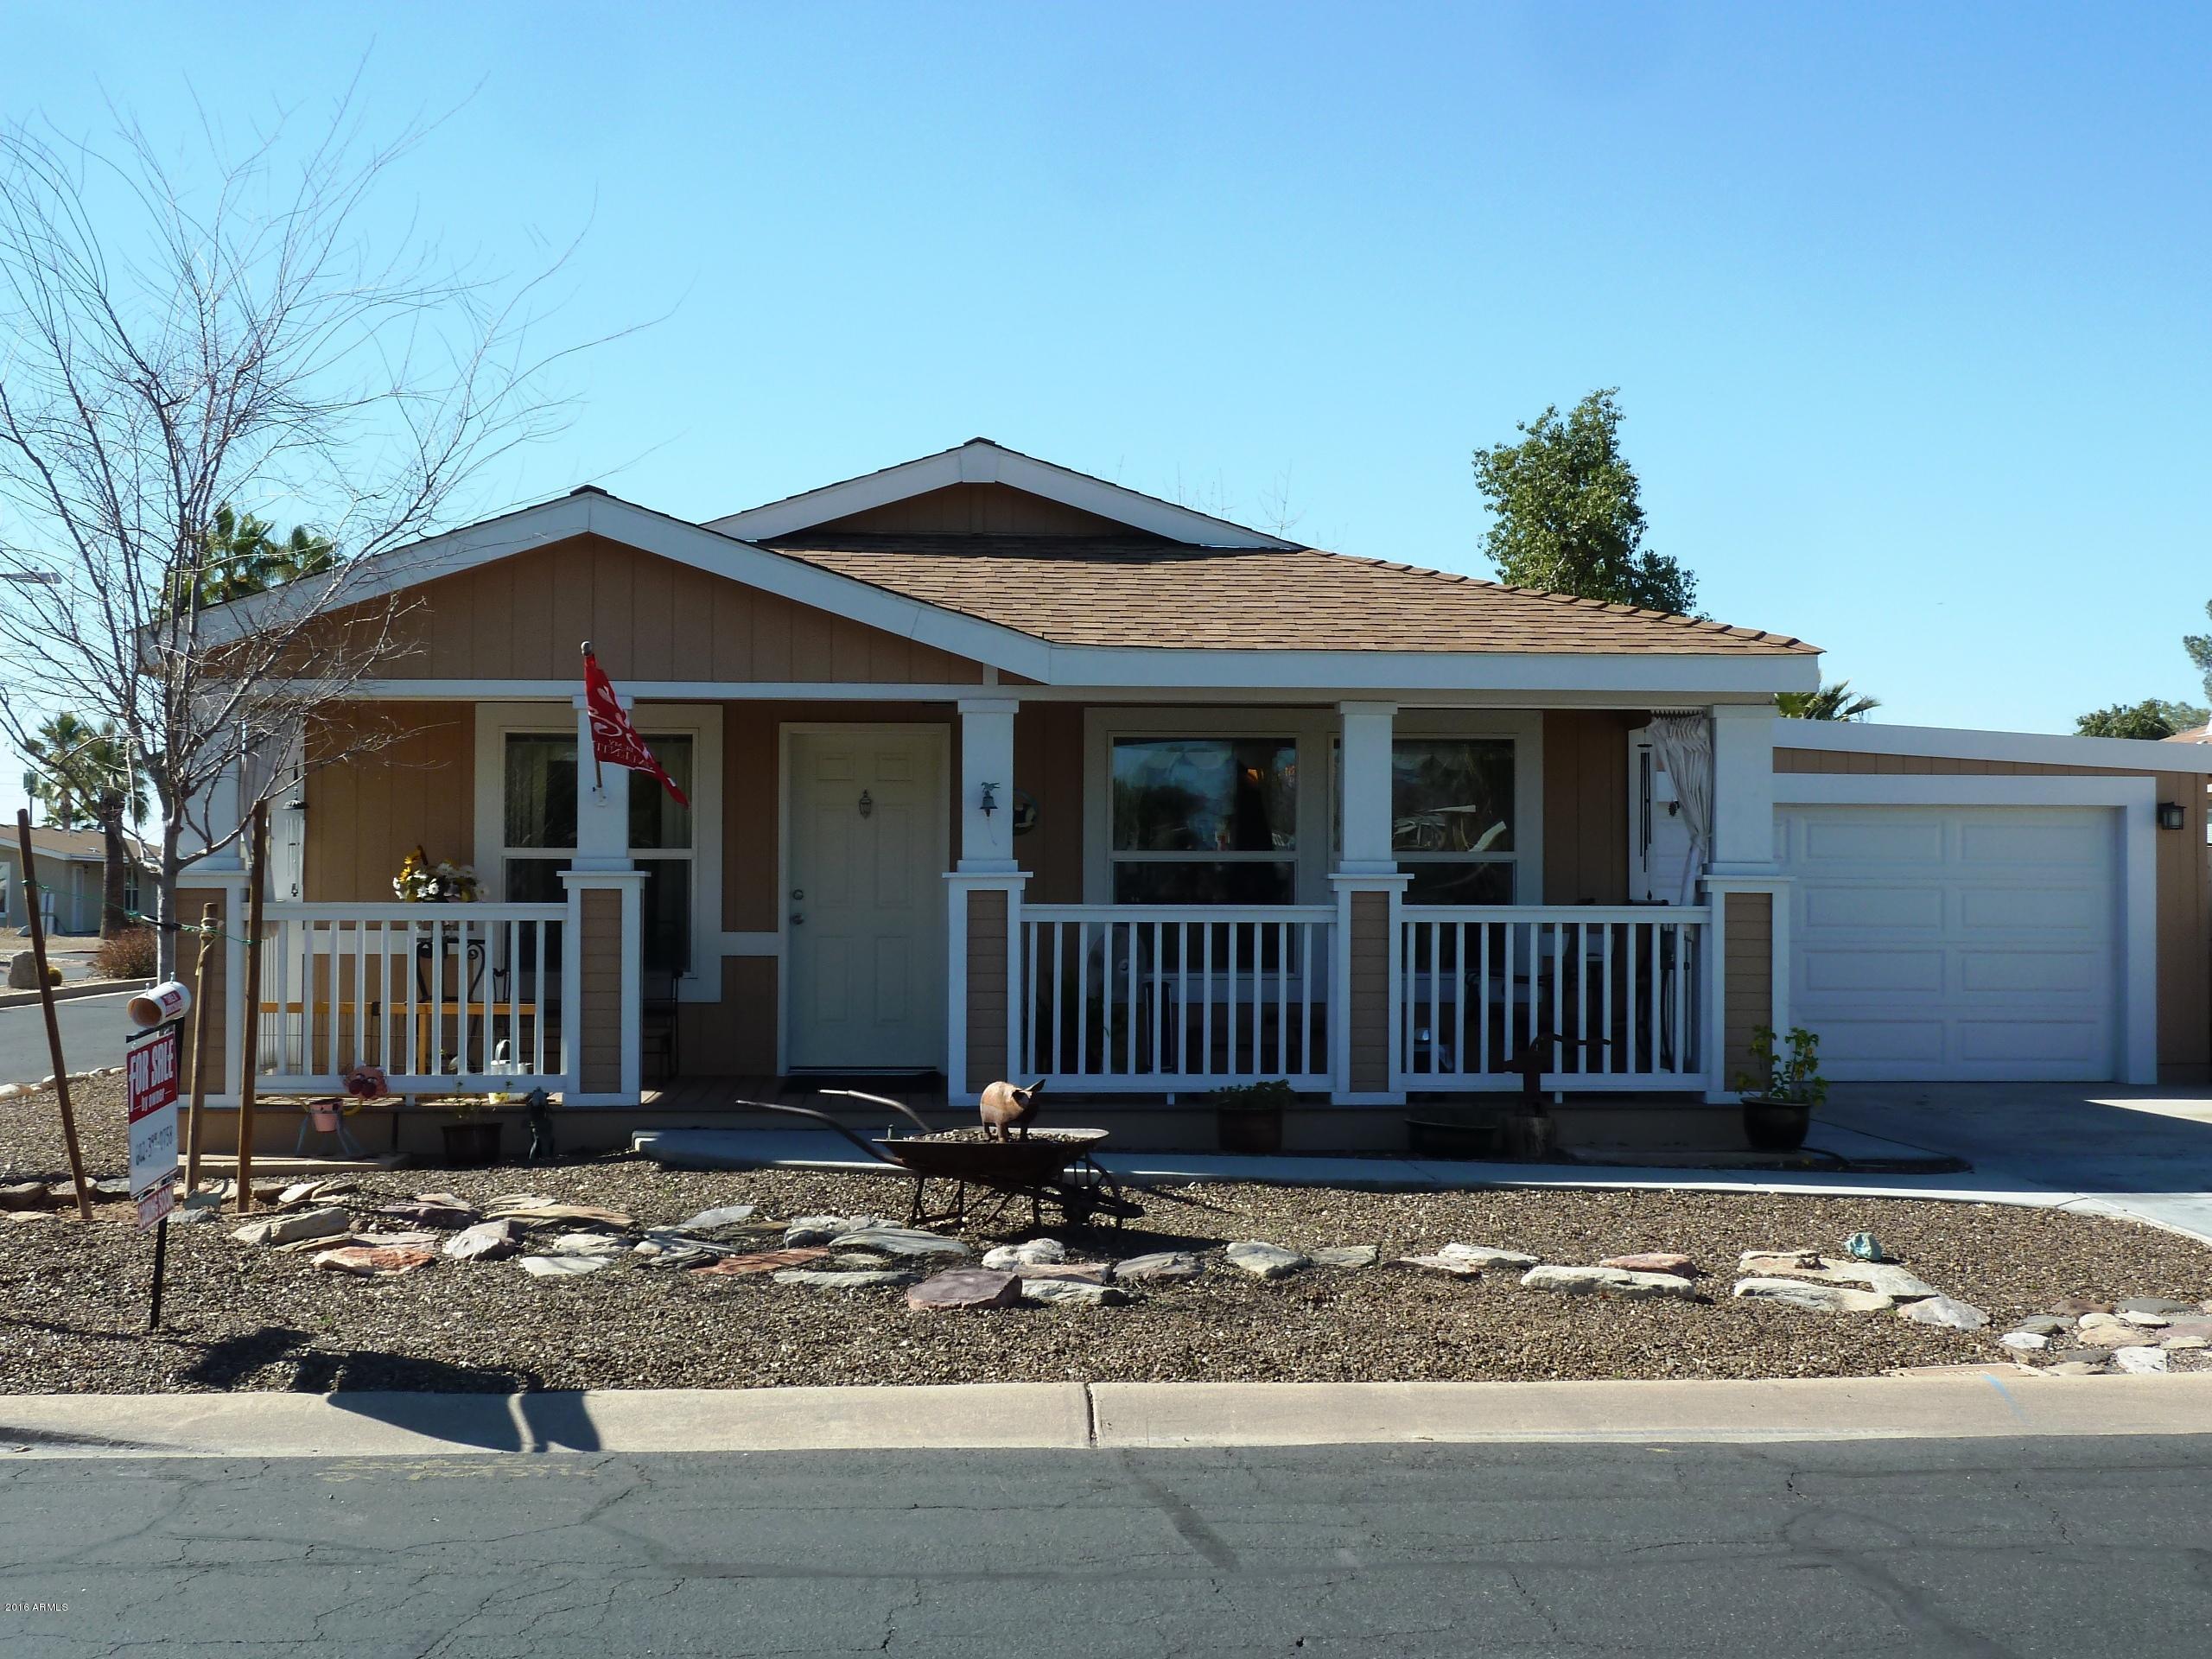 16402 N 33rd  Way  Phoenix AZ 85032